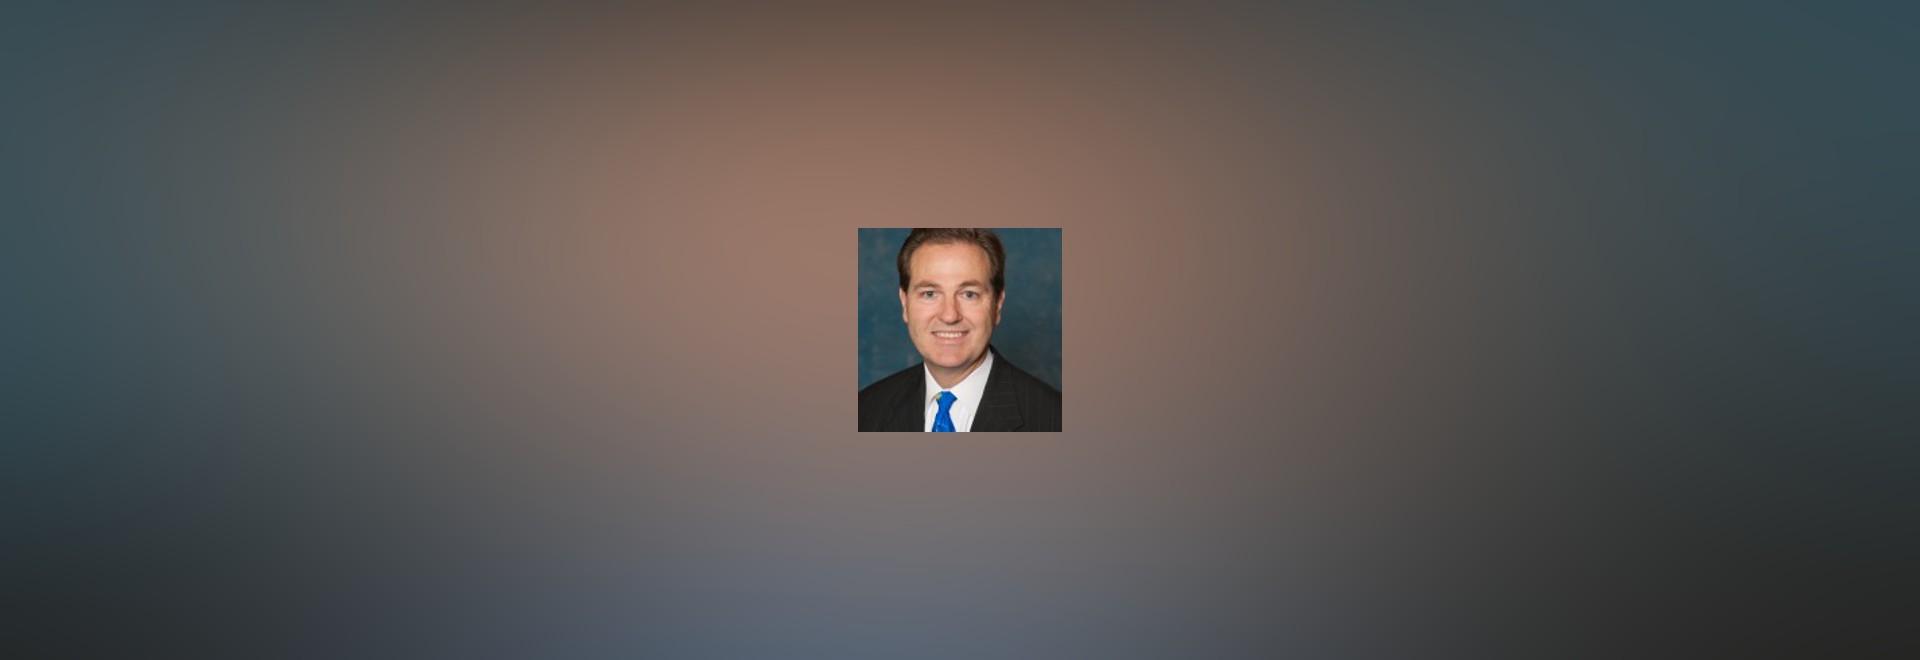 Les compagnies de bâtiment de Tocci élève l'équipe de soins de santé avec l'addition de Nicholas comme directeur des soins de santé